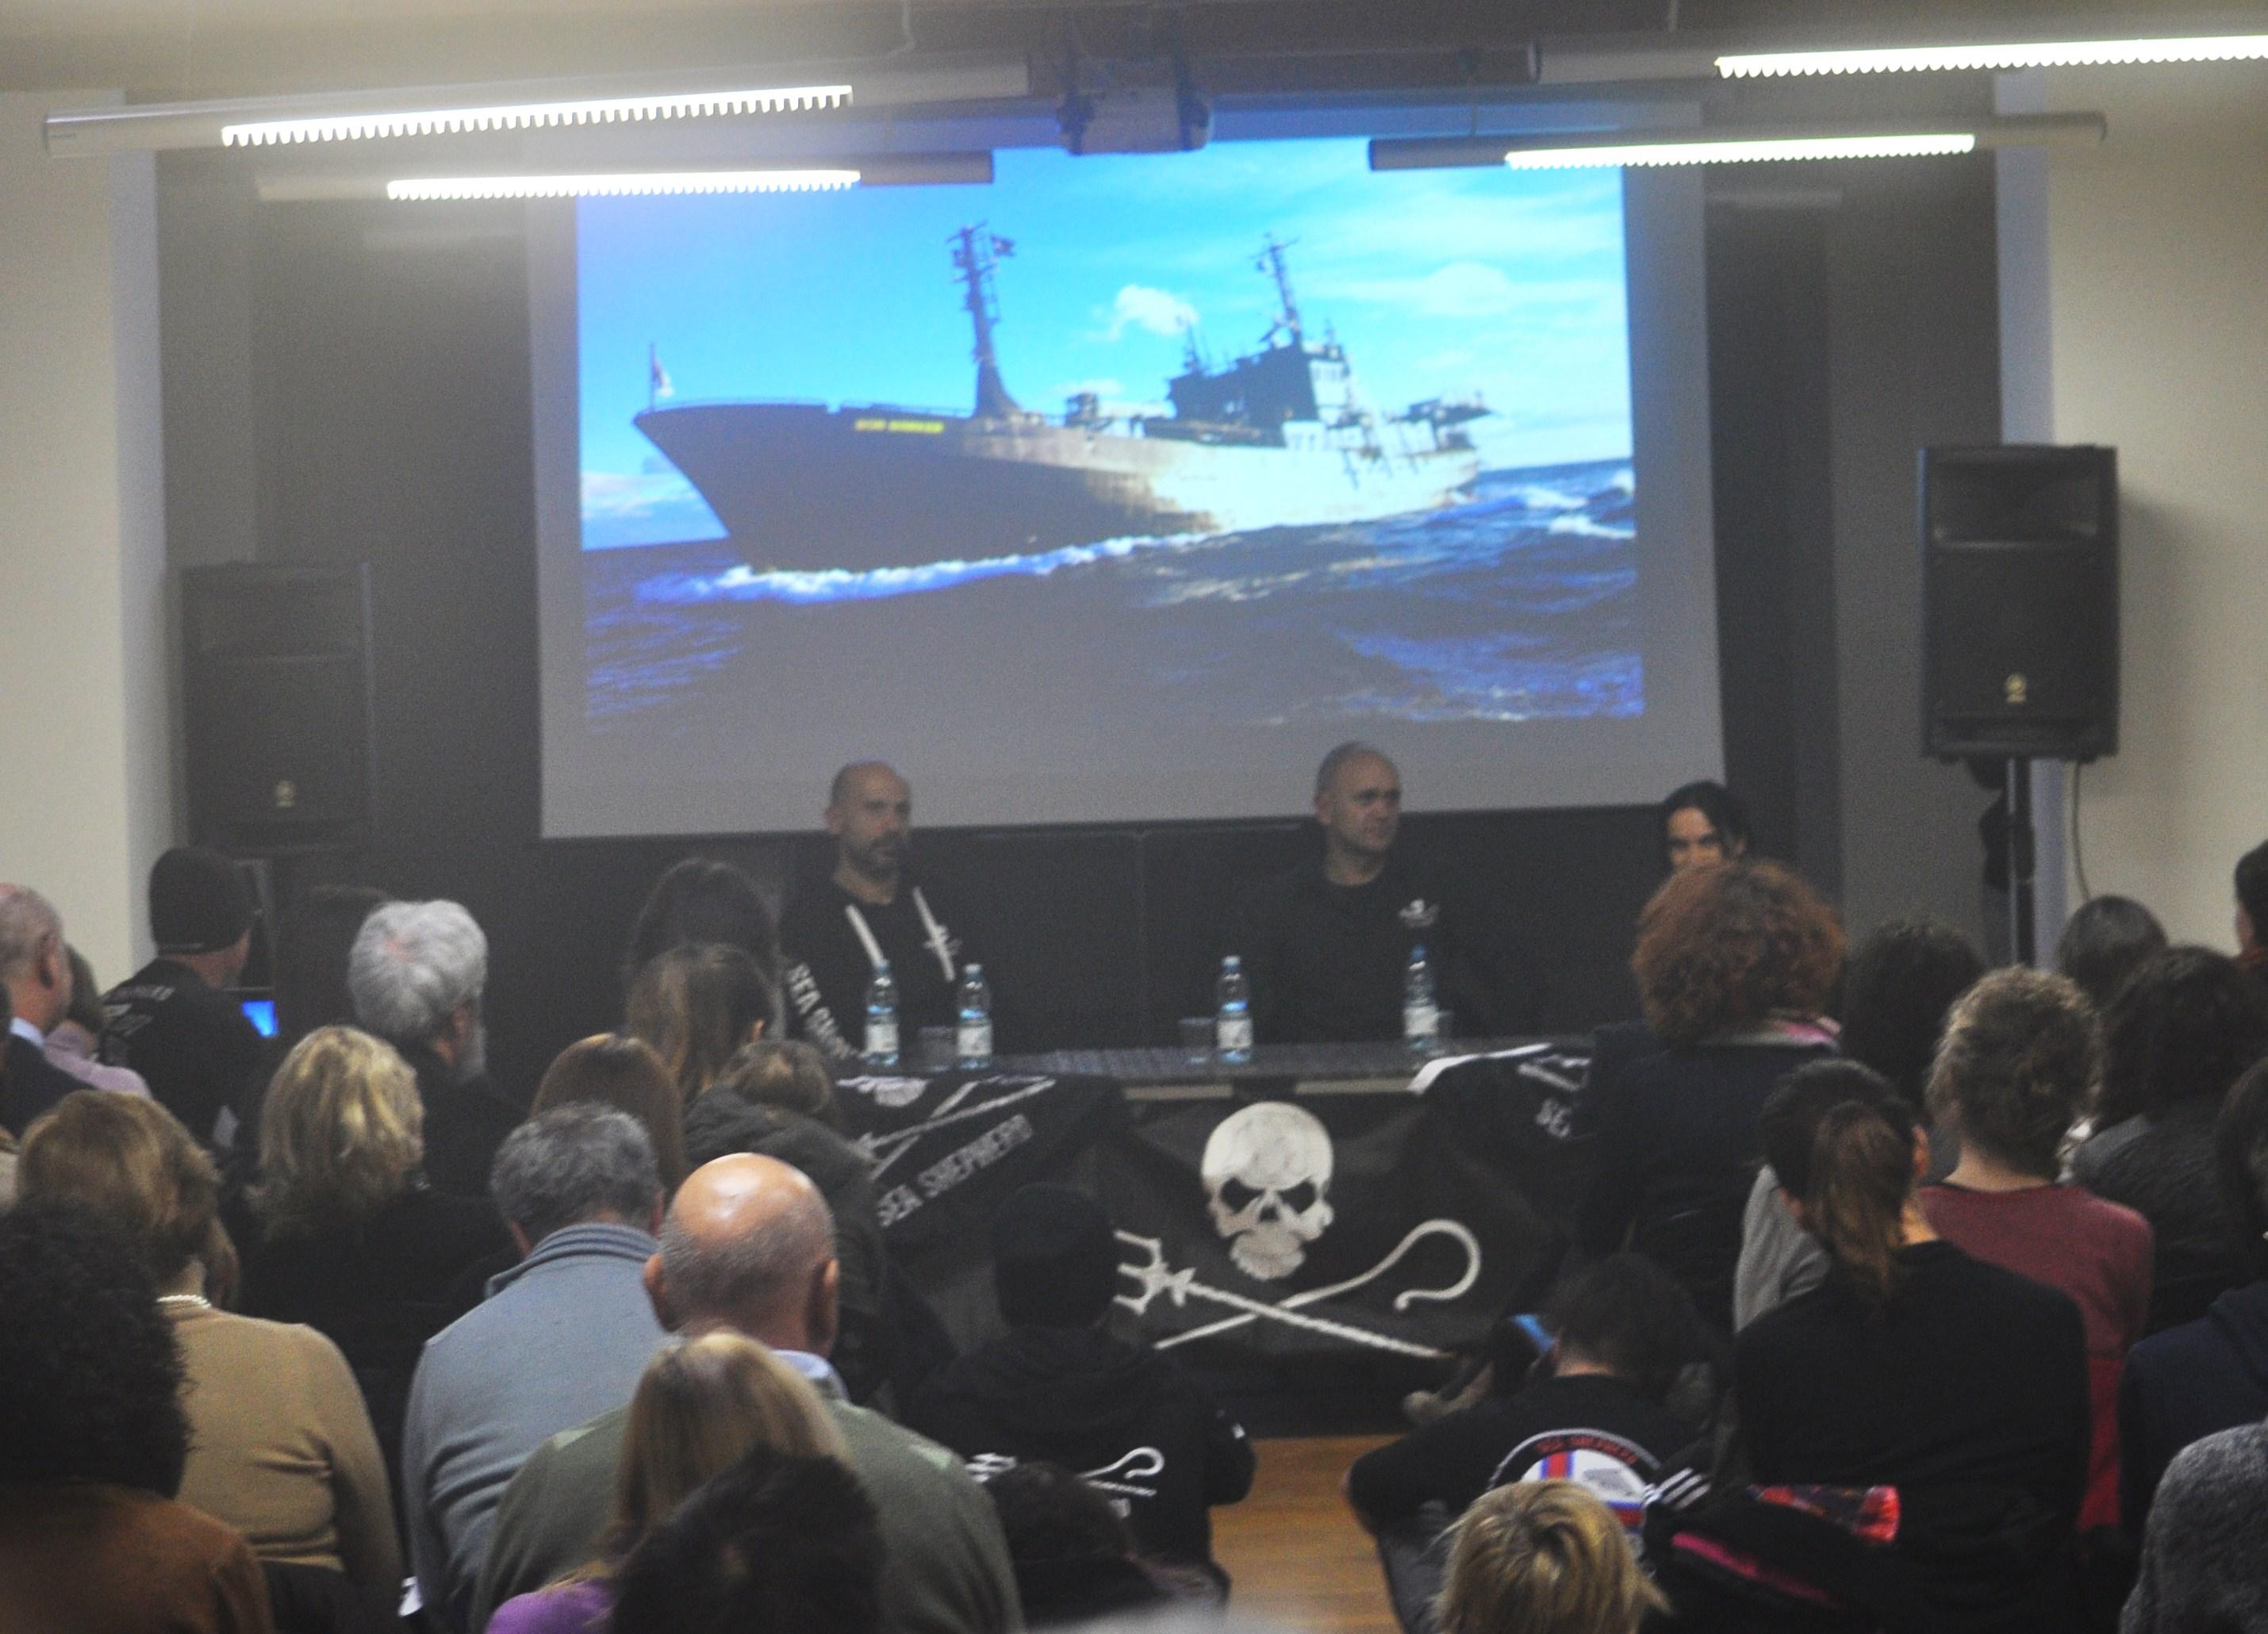 La conferenza tenuta da Sea Shepherd alla Marina Vento di Venezia sull'Isola della Certosa